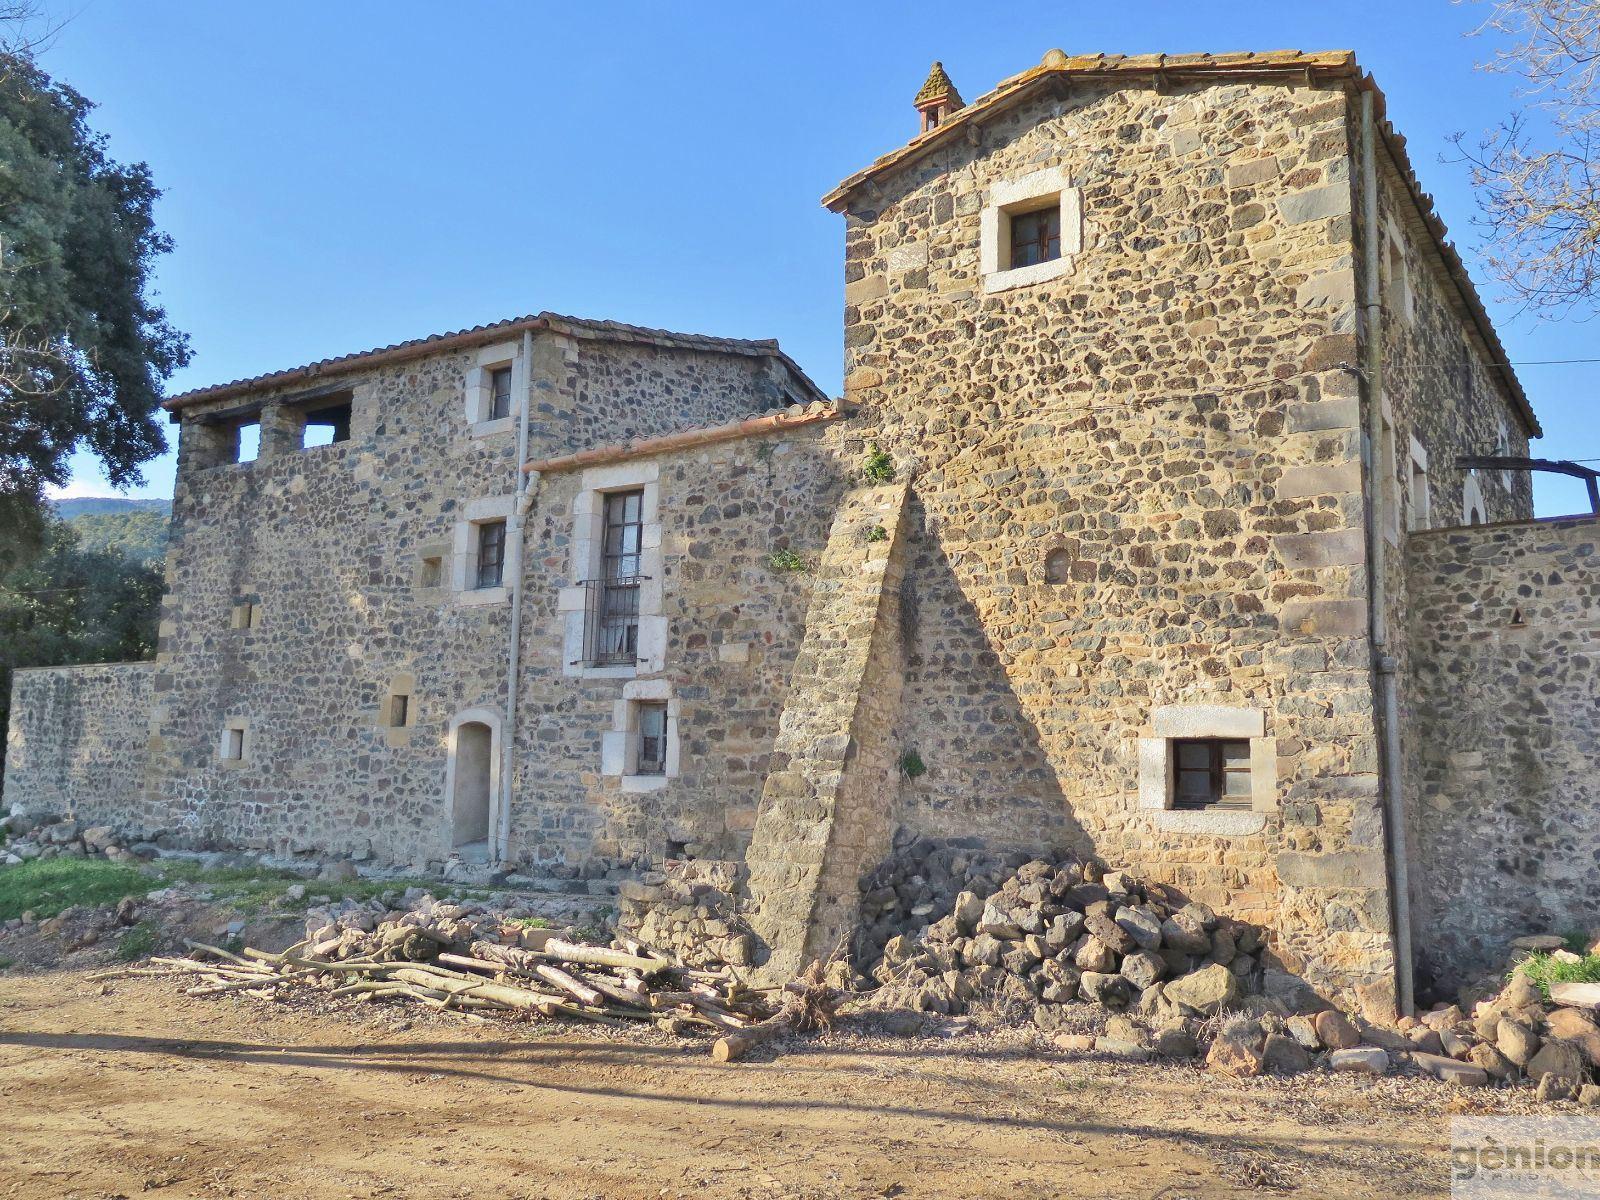 MASIA EN CANET D'ADRI, GIRONÈS. 900M² CONSTRUIDOS Y 14HA DE TERRENO